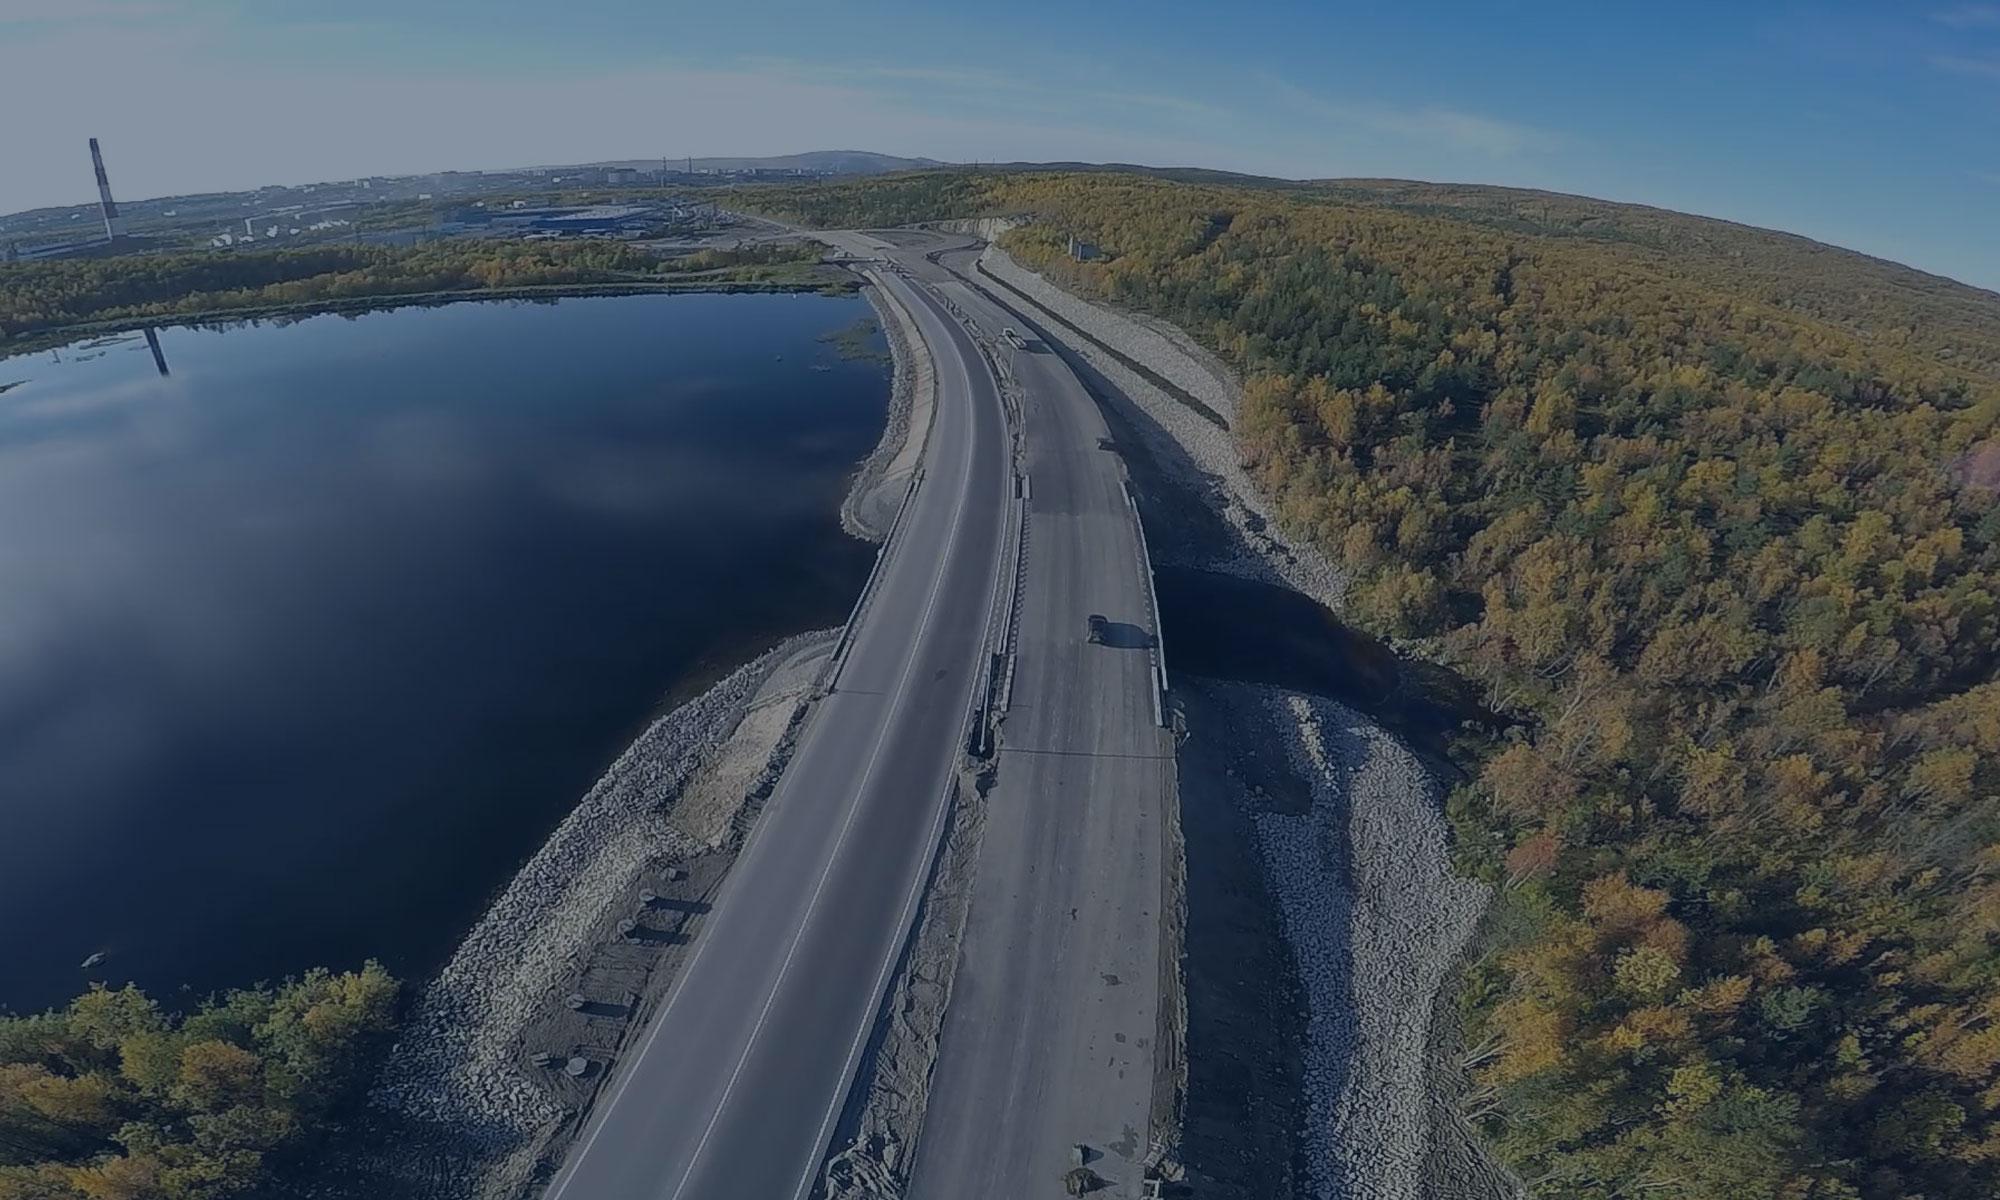 """Реконструкция мостового перехода через реку Волхов на км 122+085 автомобильной дороги М-18 """"Кола"""" (1 этап)"""